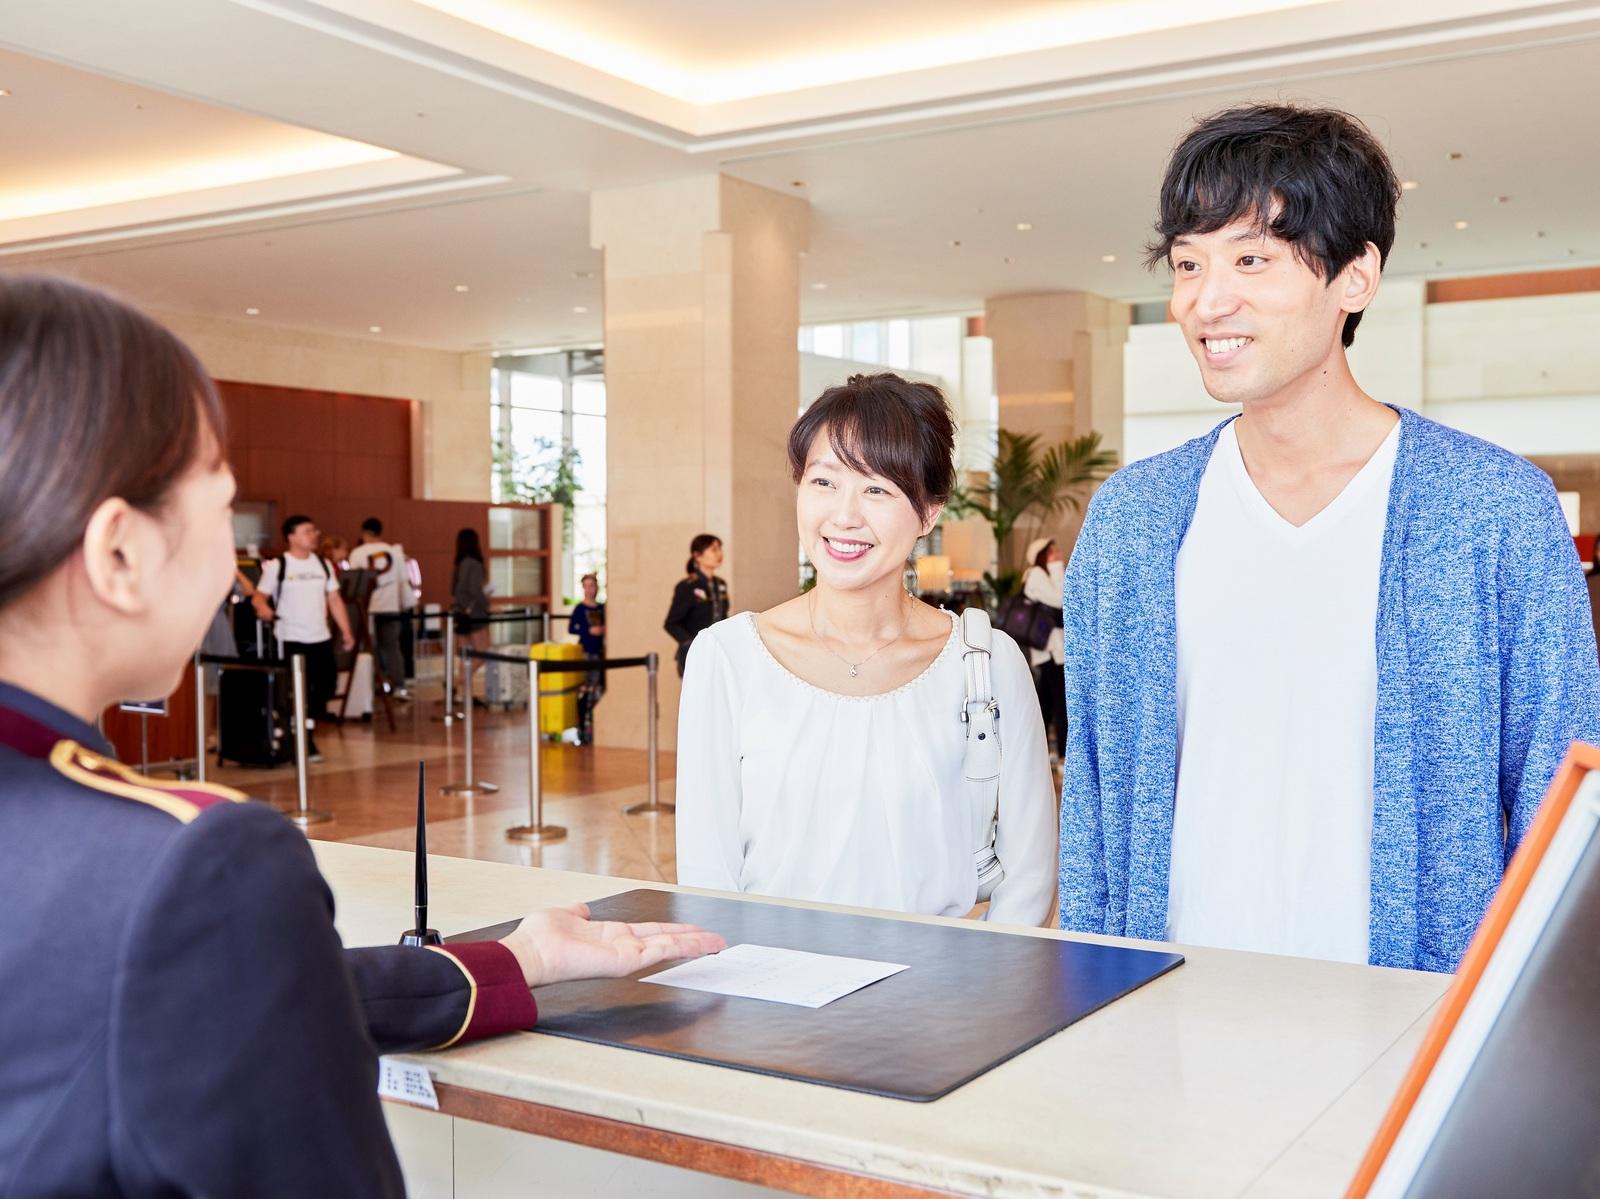 ホテル京阪 ユニバーサル・タワー / 【航空券とホテルを一気に予約♪】30日前のご予約でお得にステイ♪<食事なし>